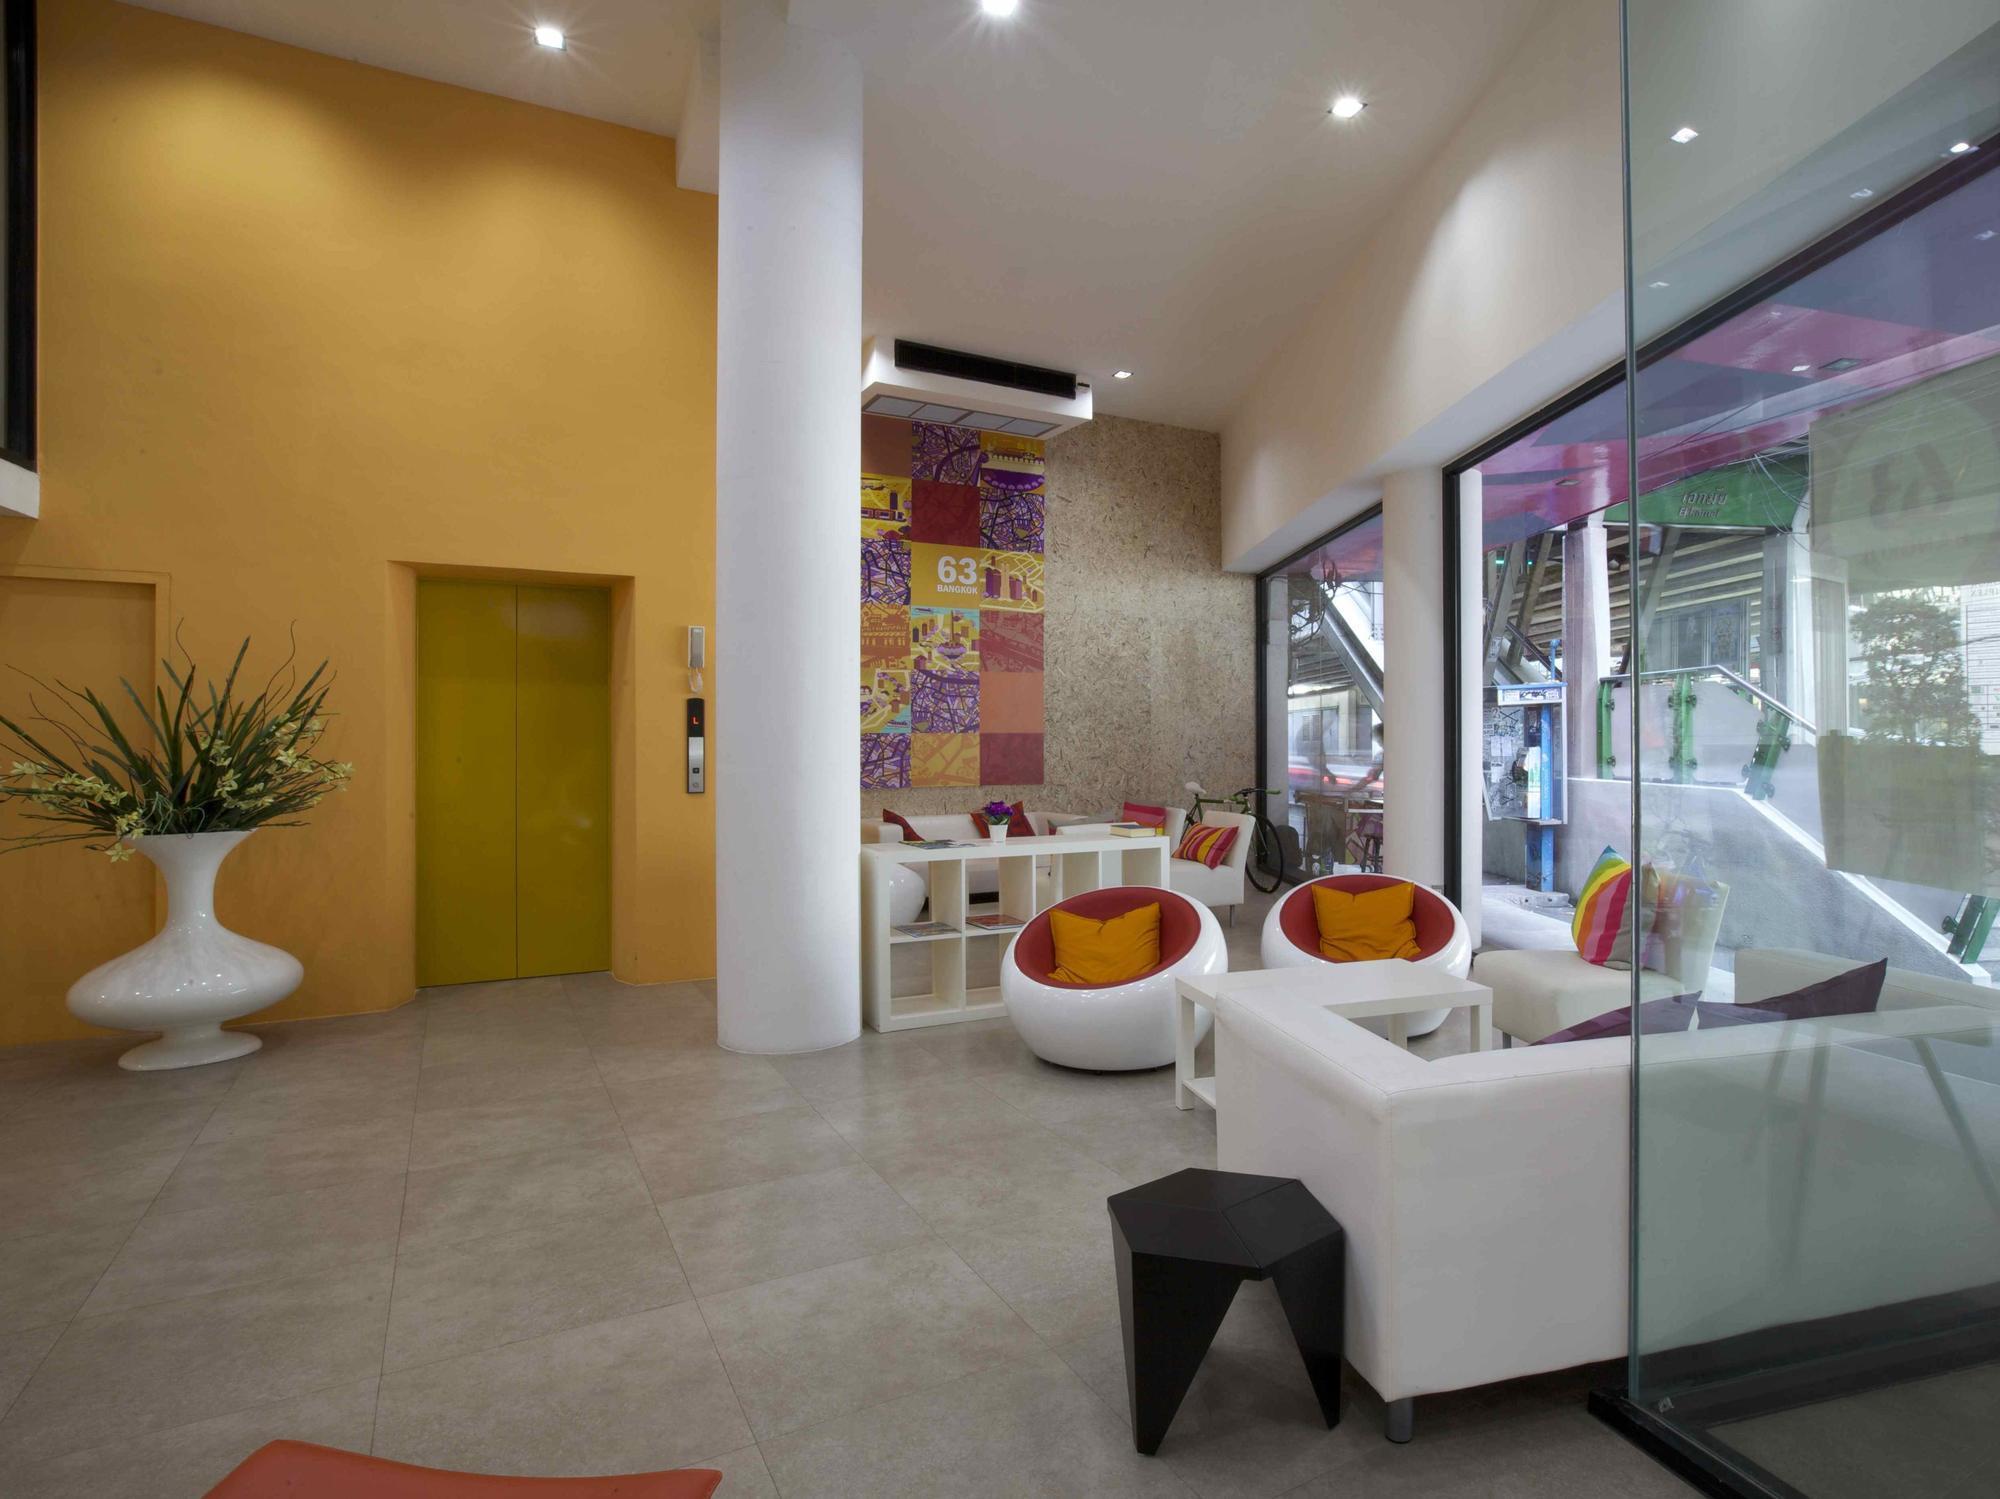 Hotel 63 bangkok boutique bed breakfast bangkok for Boutique hotel 63